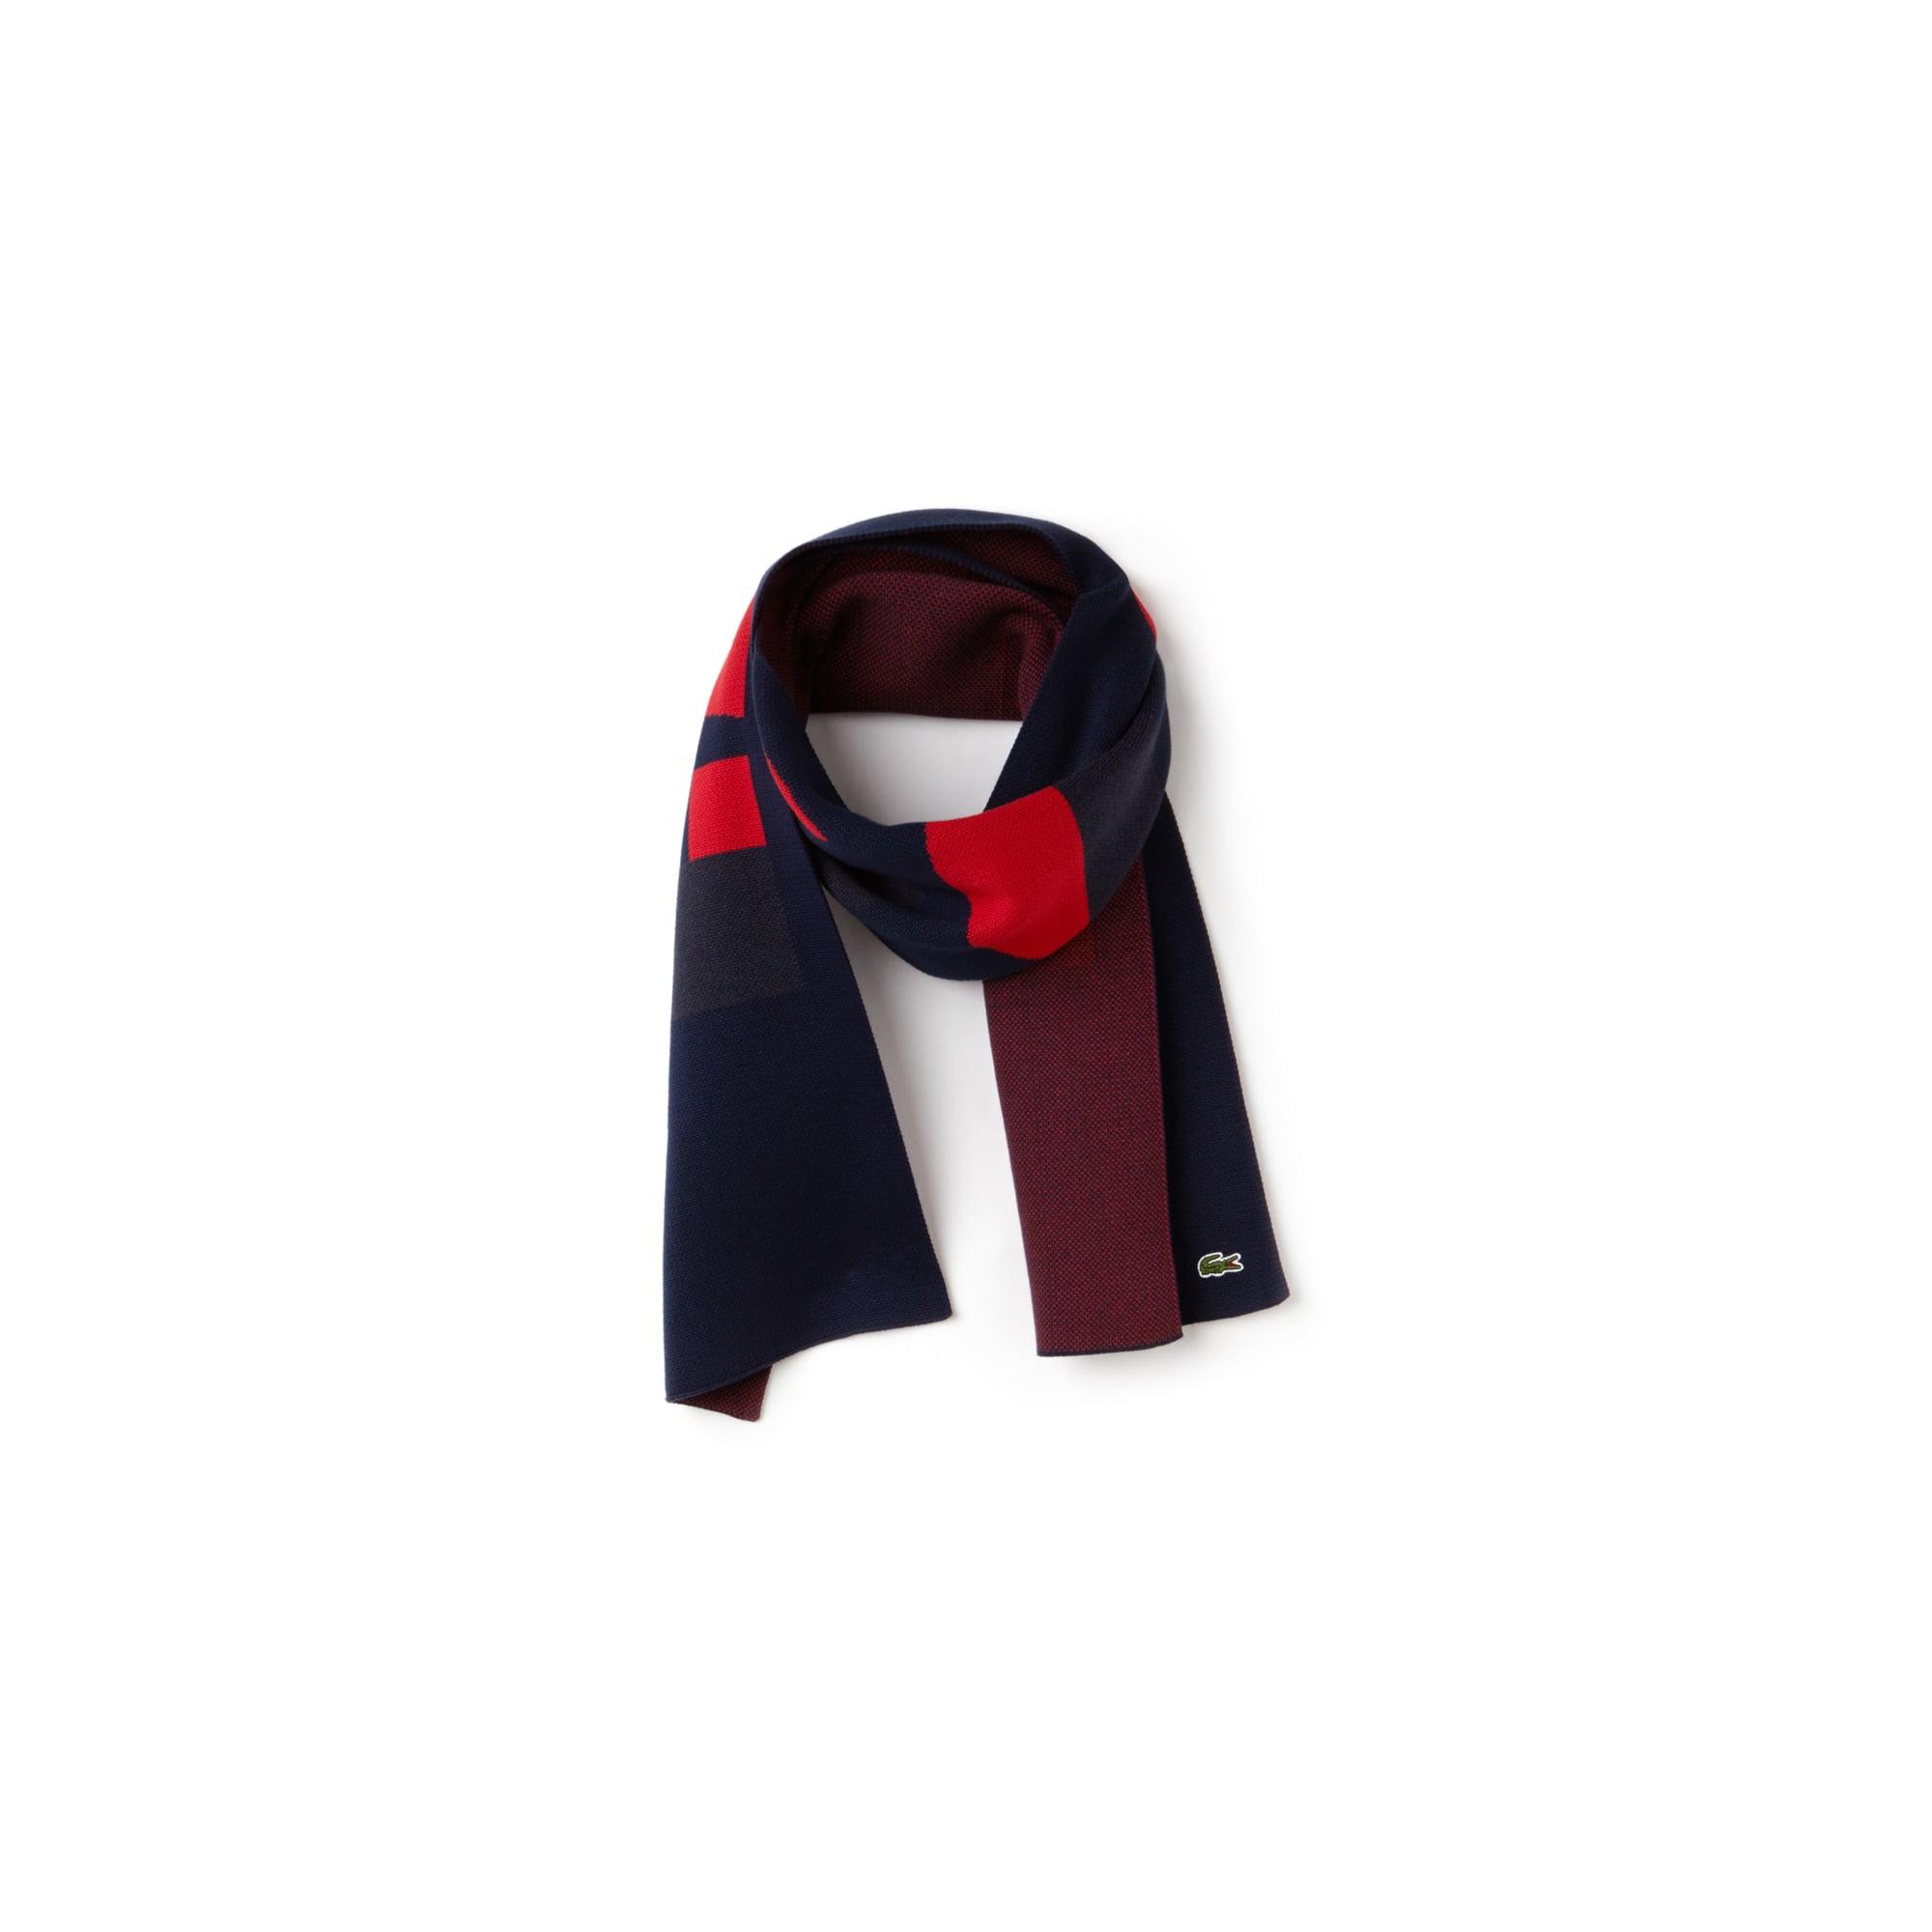 Herren LACOSTE Schal mit Colorblocks und Logo-Schriftzug